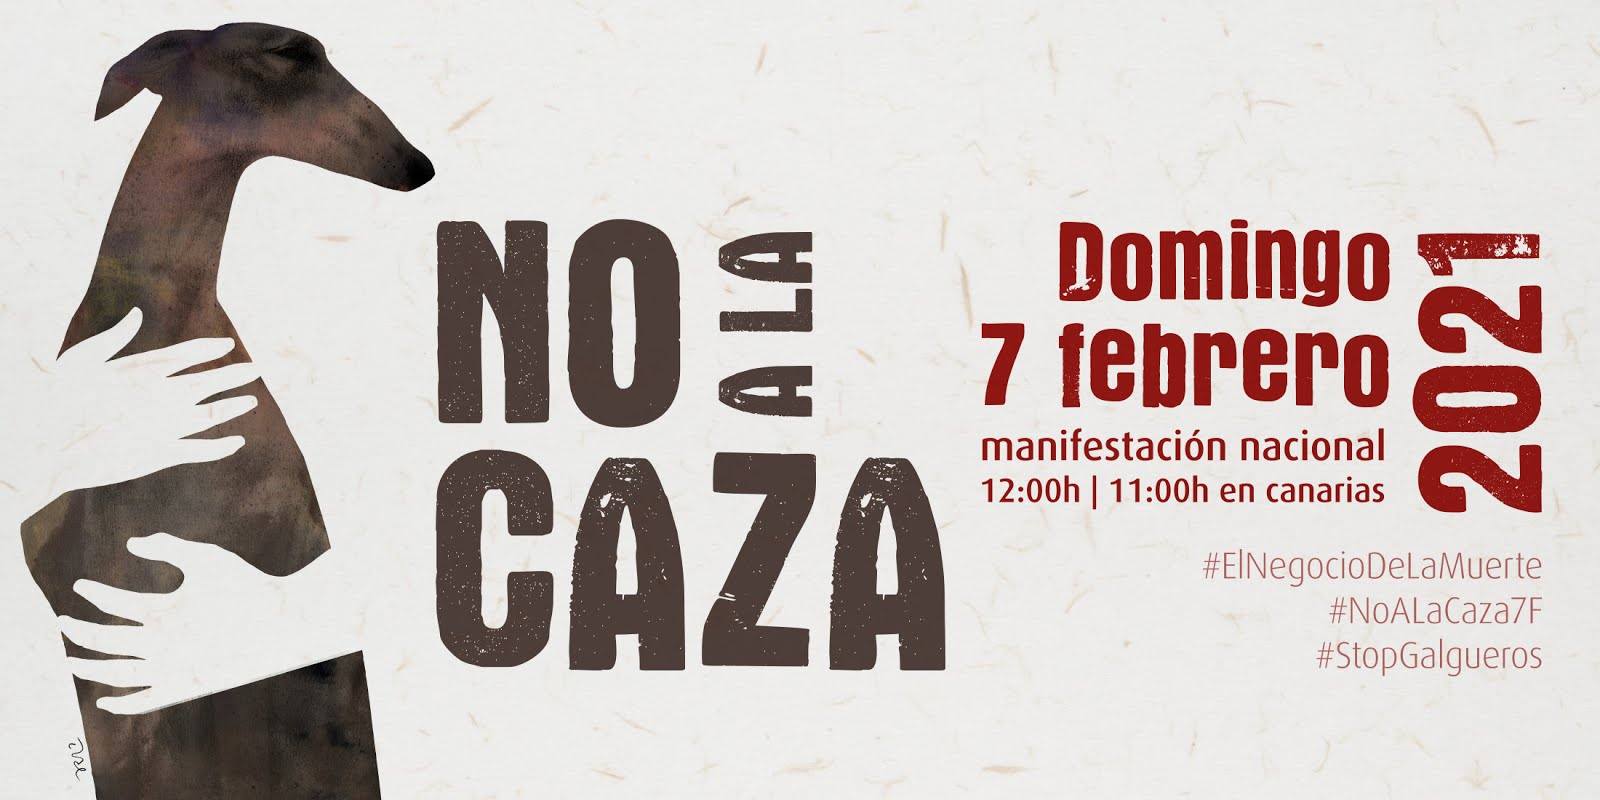 Manifestación - NO a la CAZA